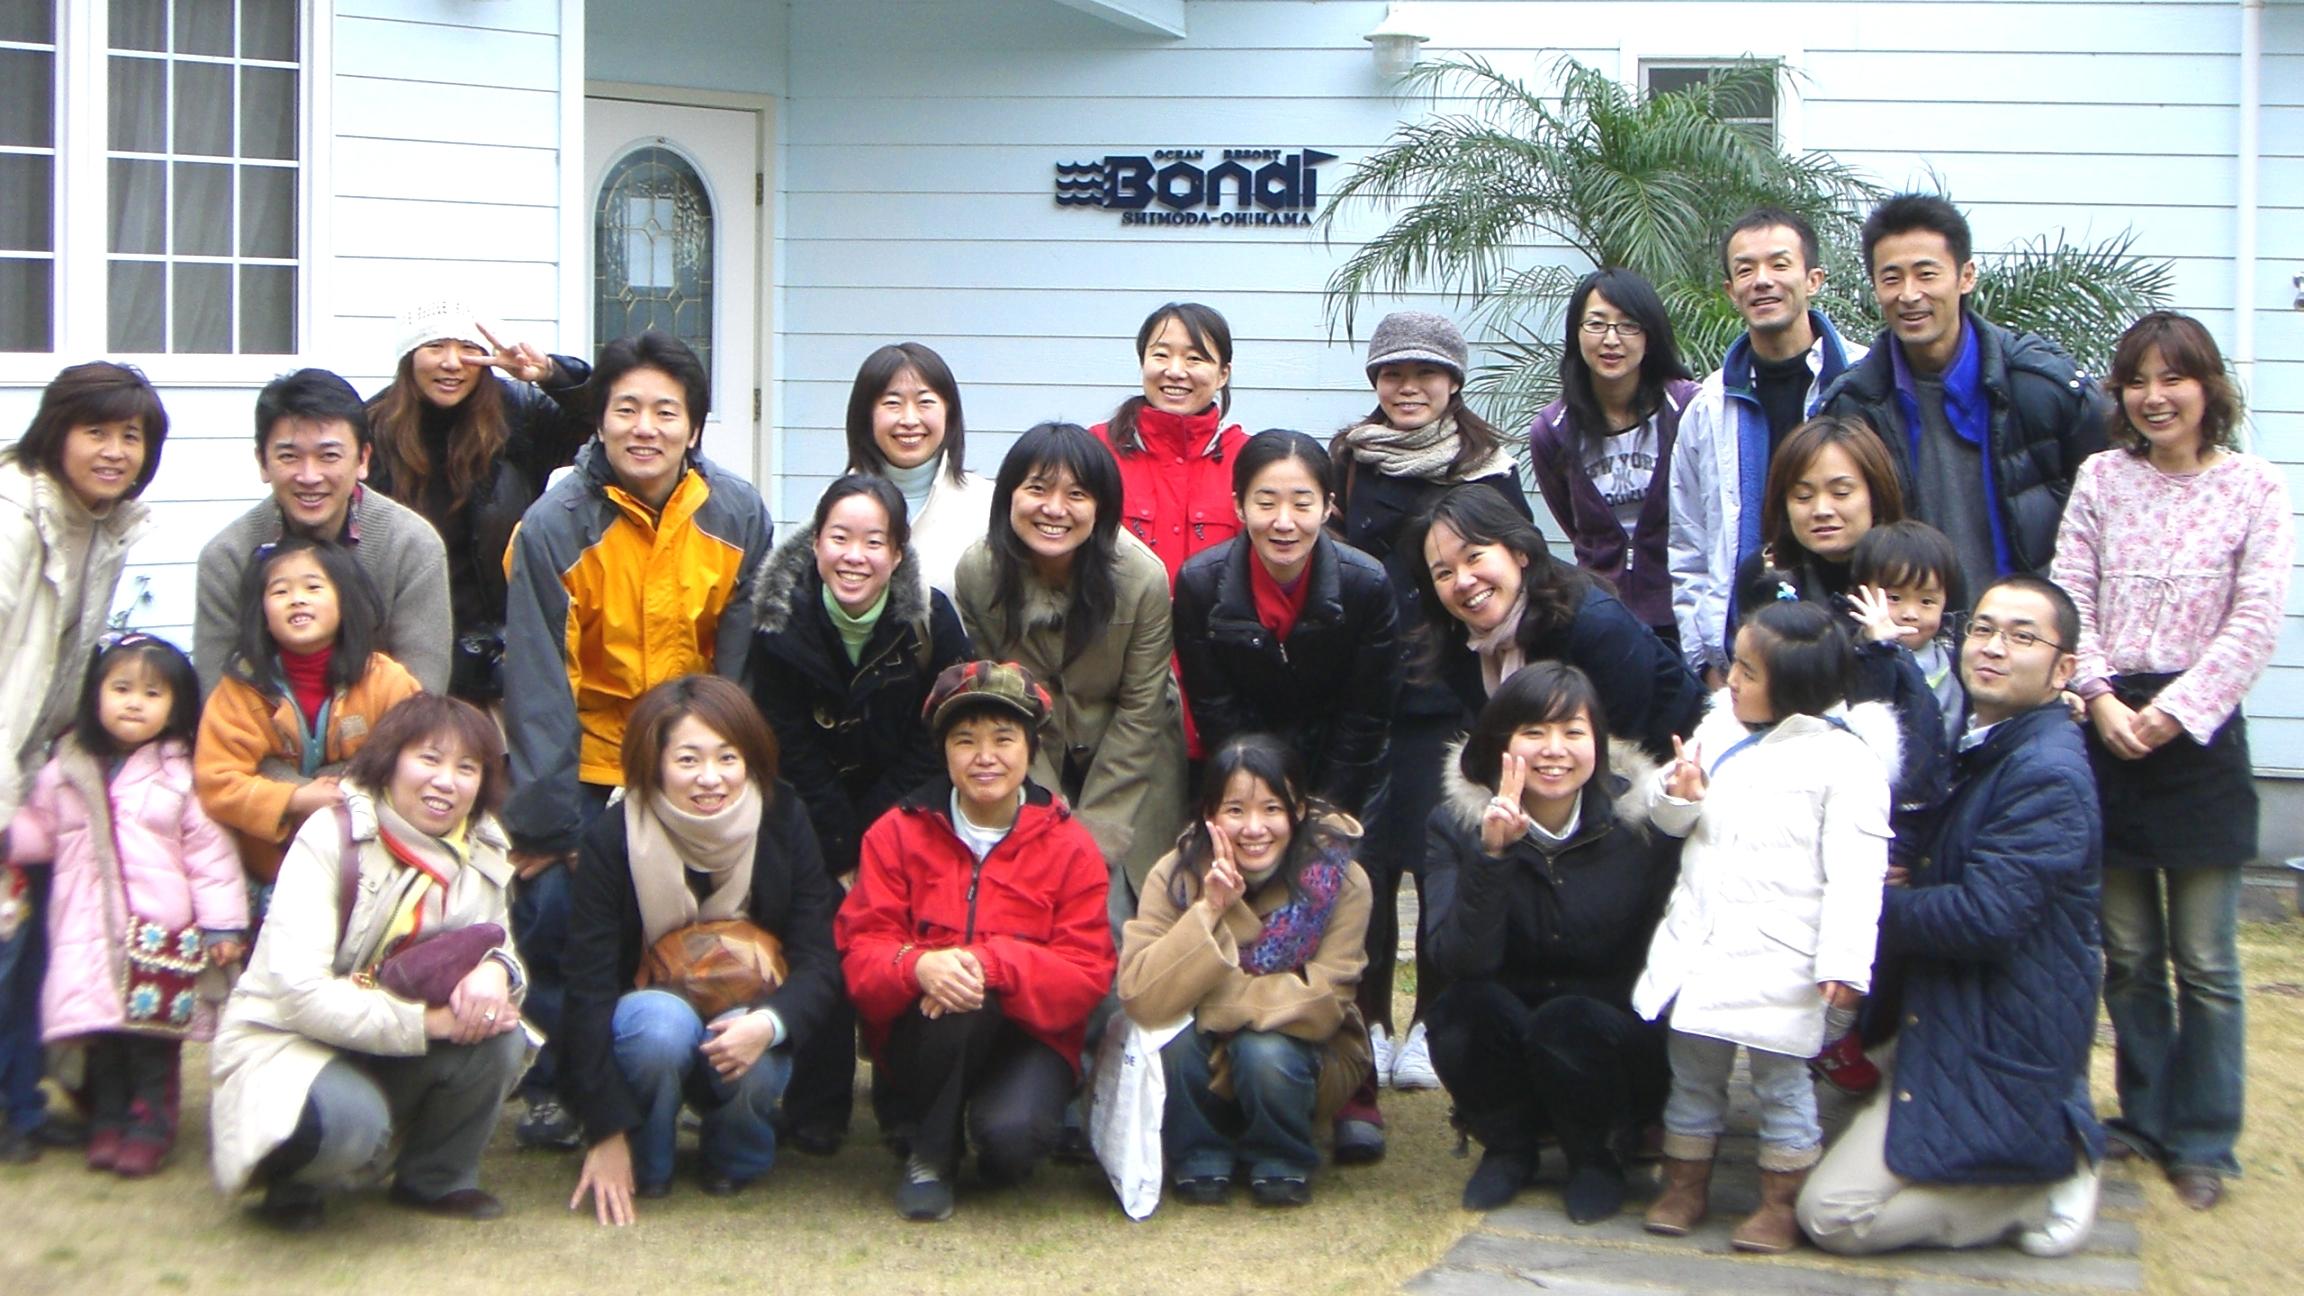 【ワクワク新年会-2007】2日目@伊豆下田にて!